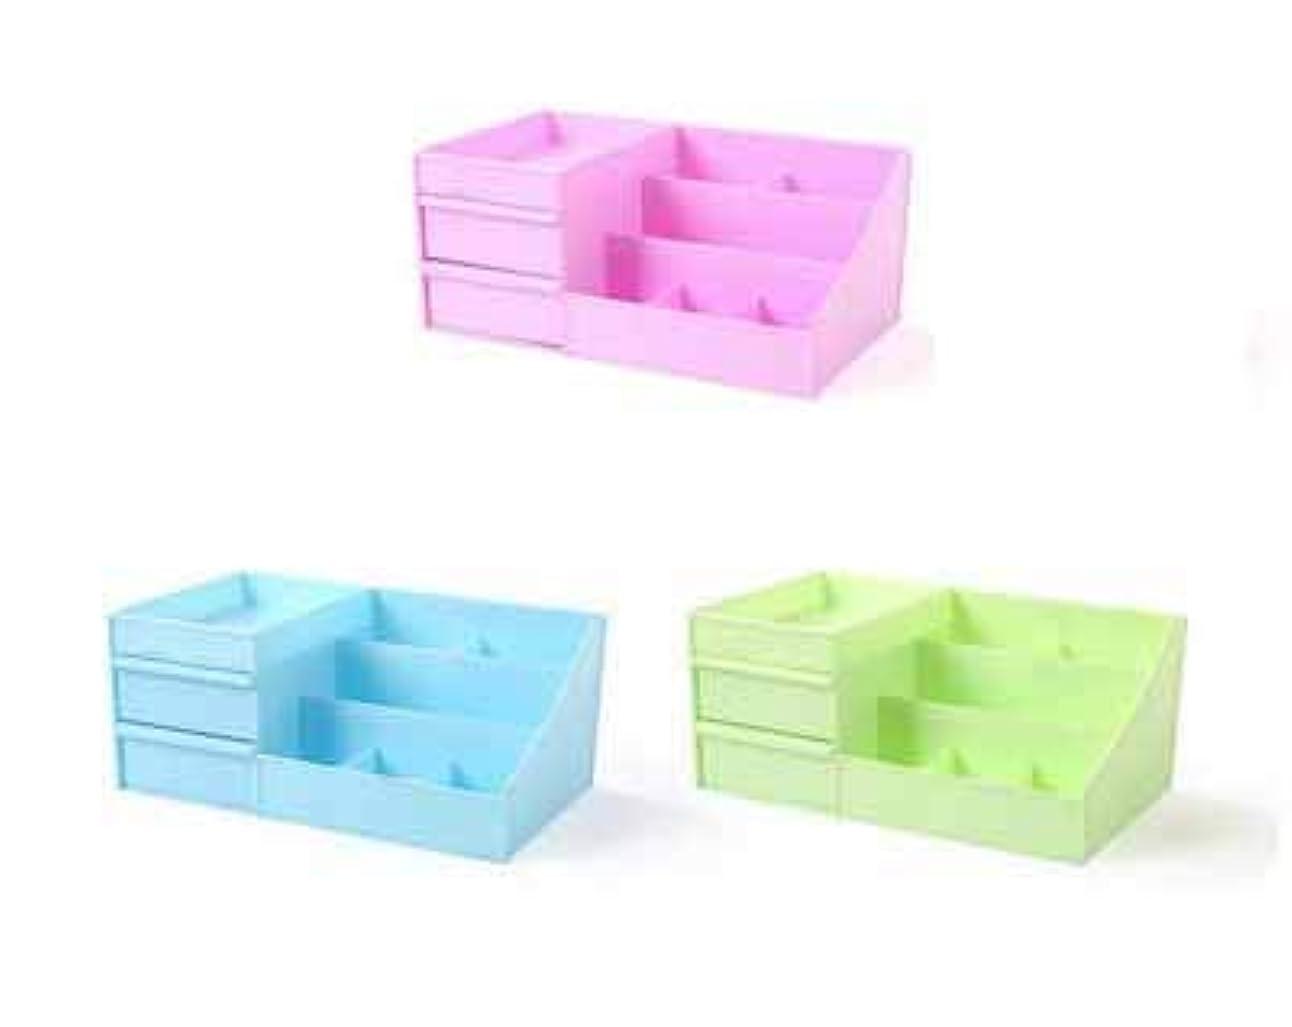 化粧品収納ボックスプラスチックの創造的な家庭用品デスクトップの破片の宝石箱大きな引き出し (Color : グリンー)